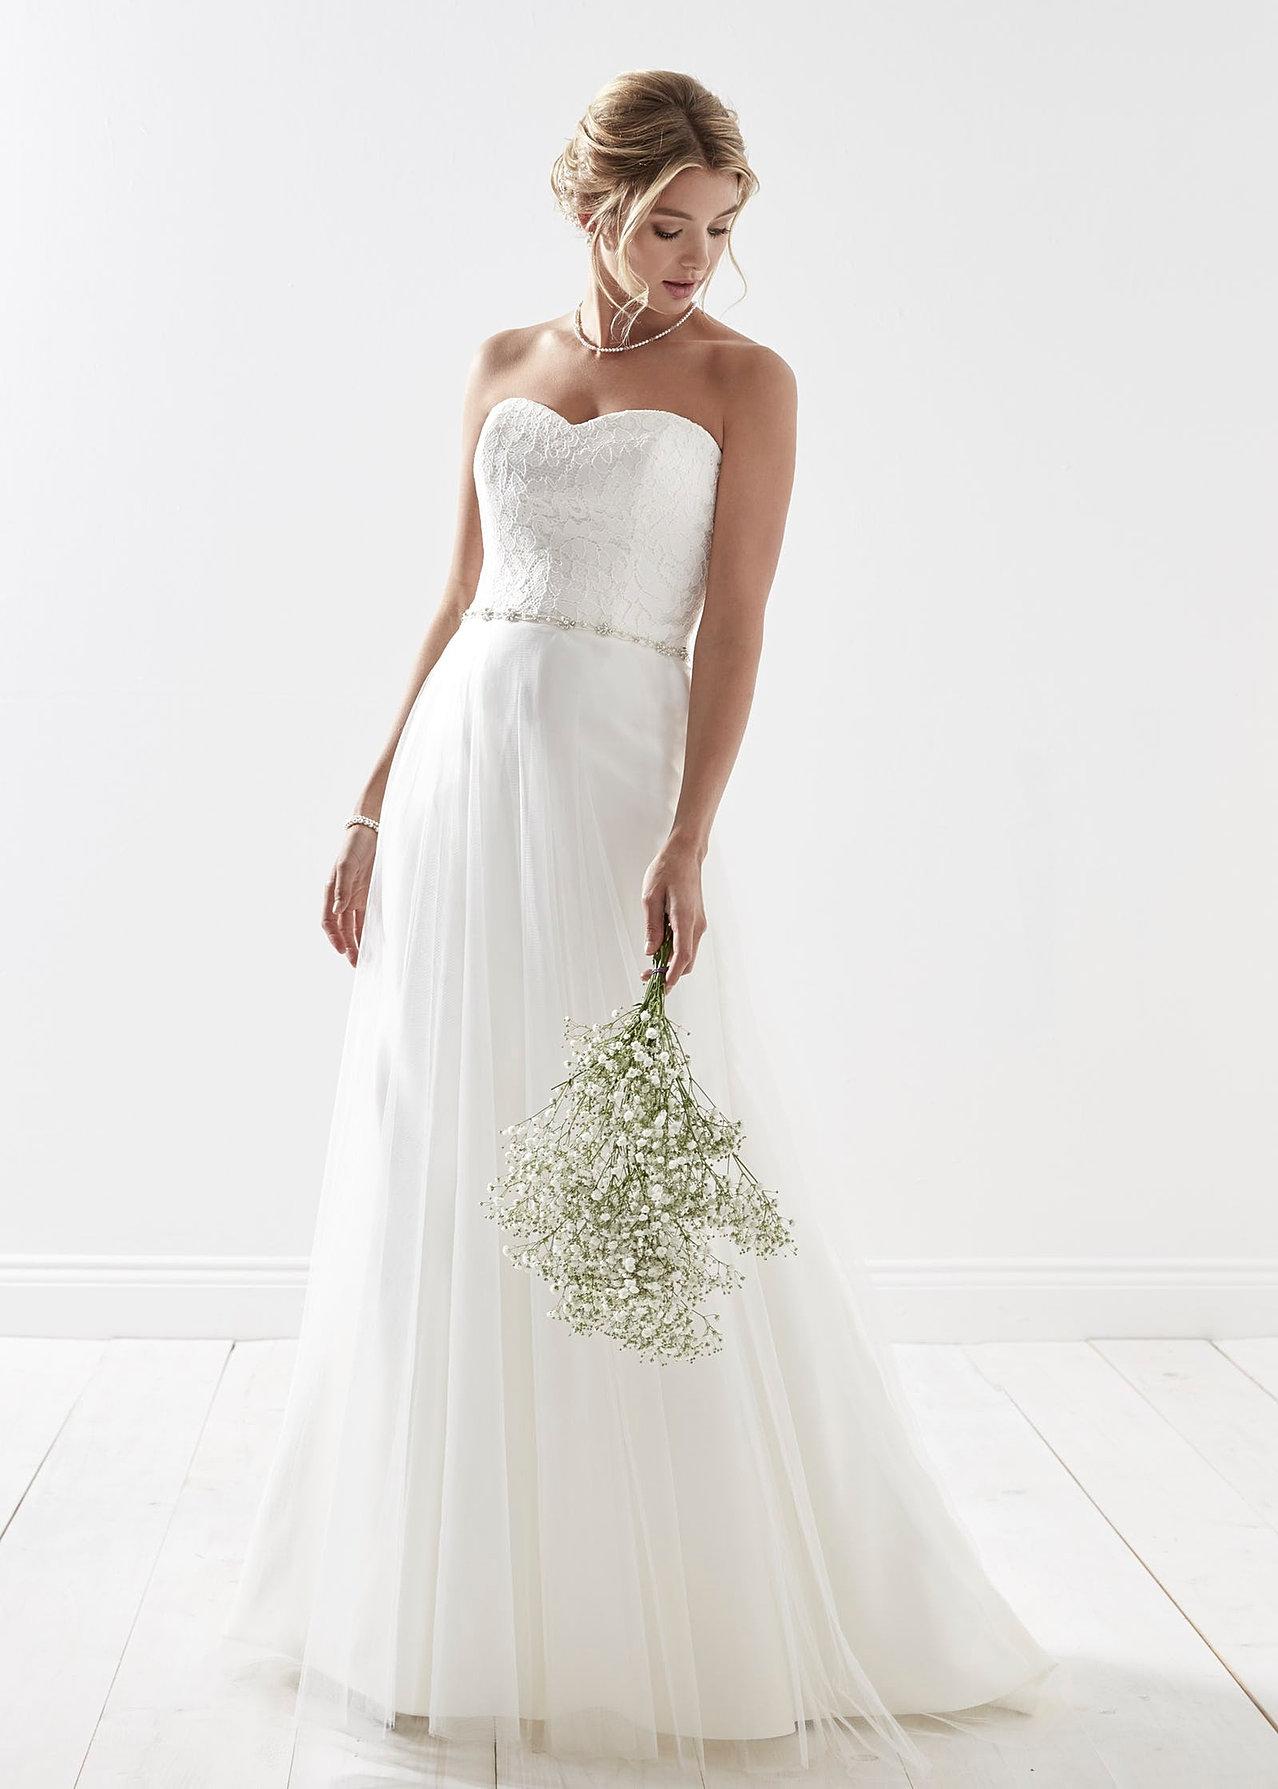 fc3e69fa7ea5 Cindy Belles Bridal & Sewing Studio / Bridal Shop, Tailors Brownhills